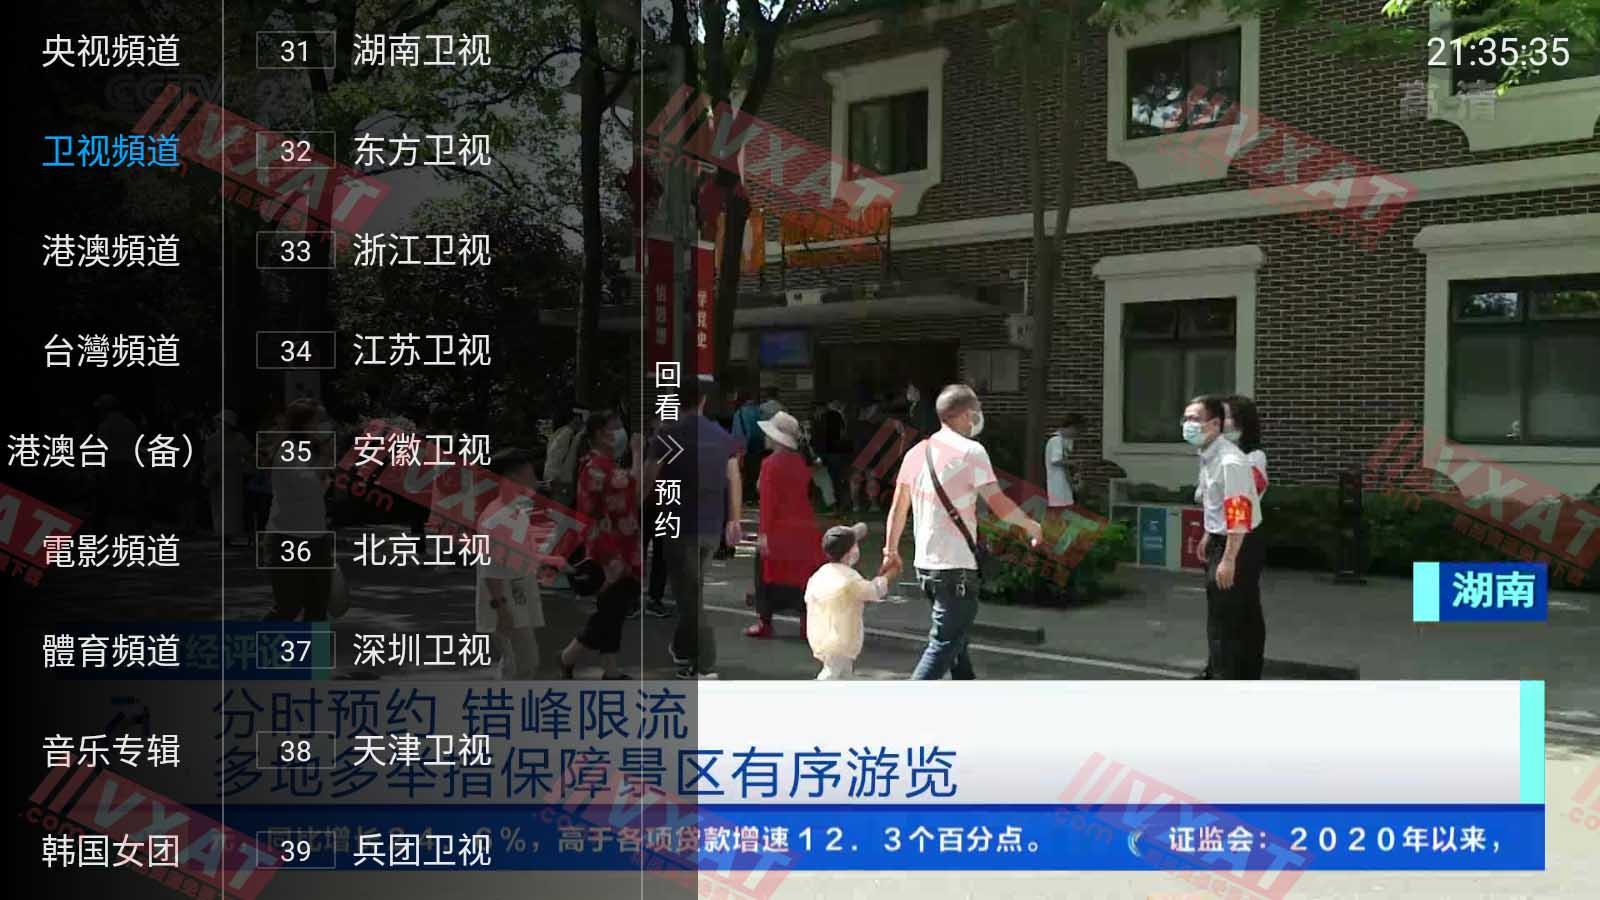 绿茶TV_v6.6.9 看高清电视直播 第1张